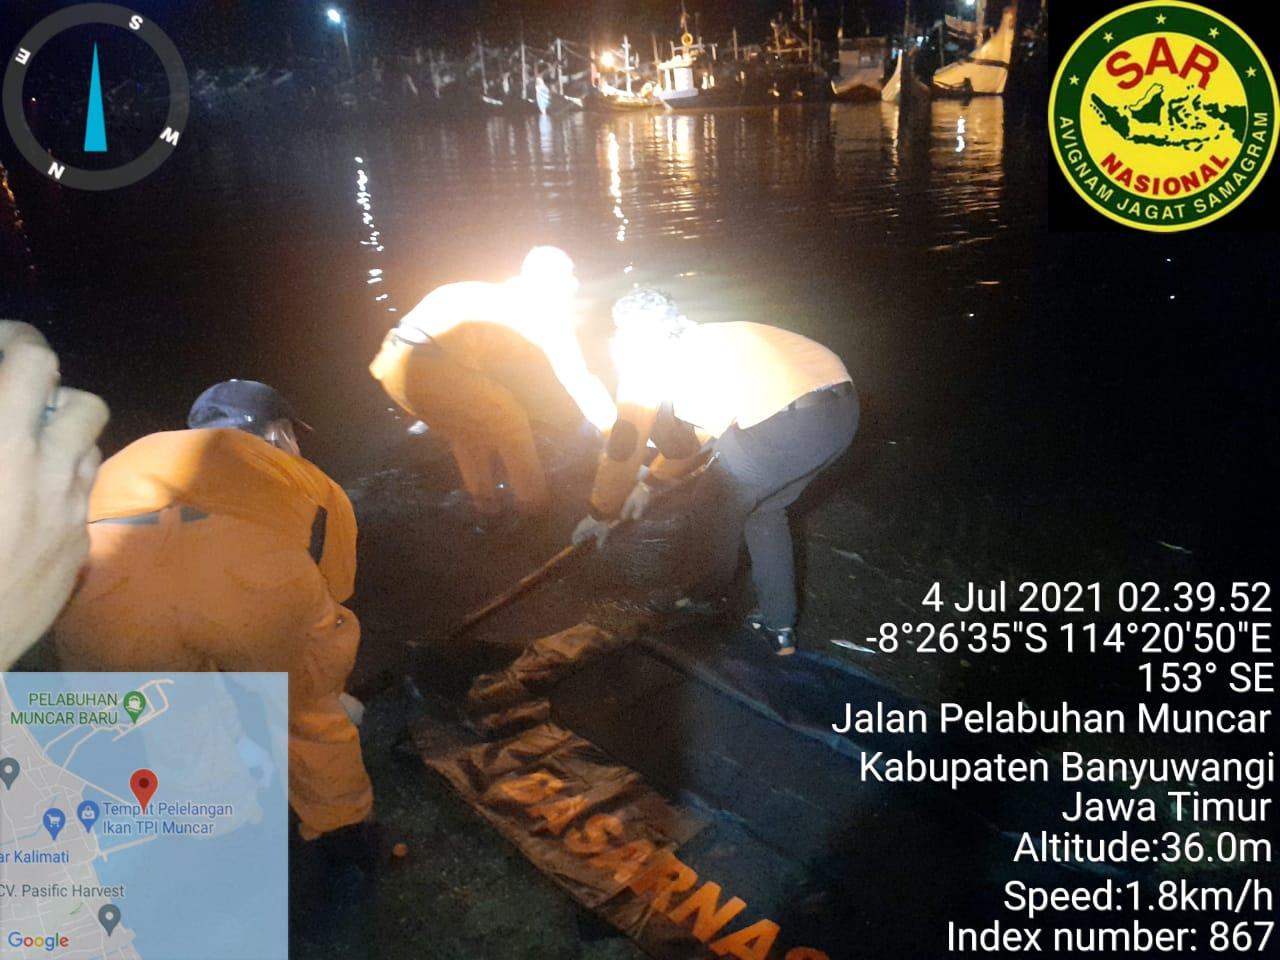 Proses evakuasi jasad korban yang ditemukan nelayan. (FOTO/Ist)